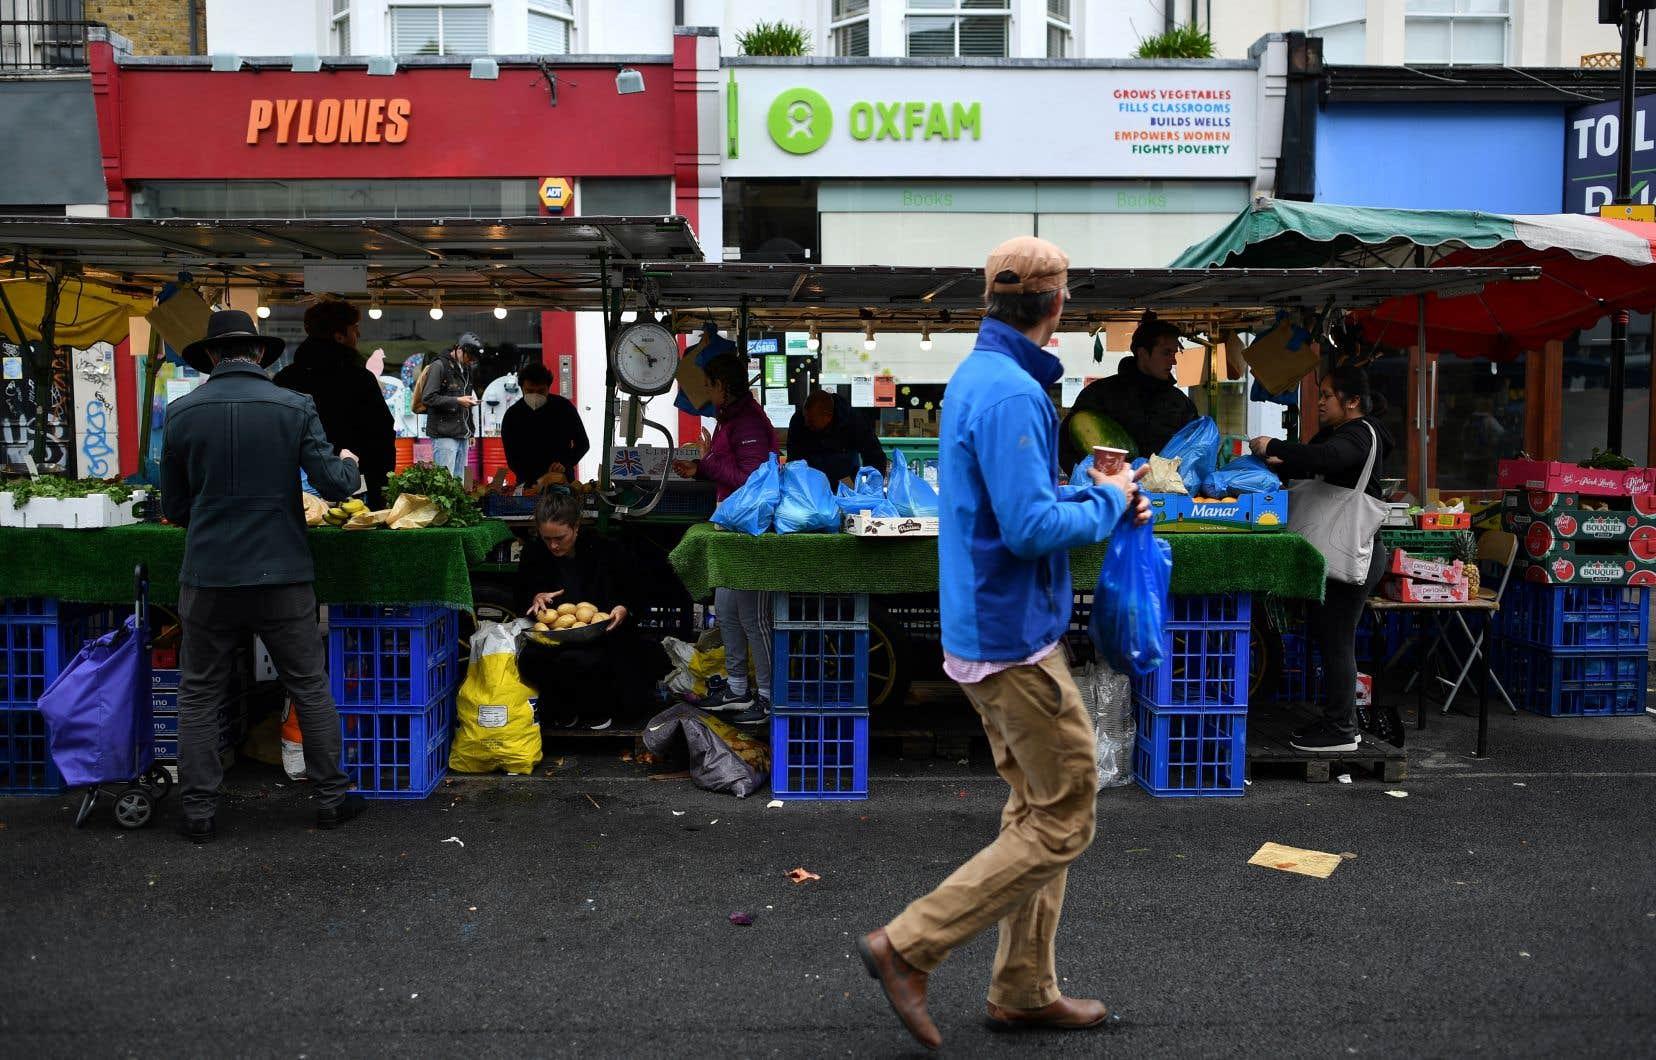 Seuls les commerces jugés essentiels comme les supermarchés et les pharmacies ont pu rester ouverts durant le confinement.